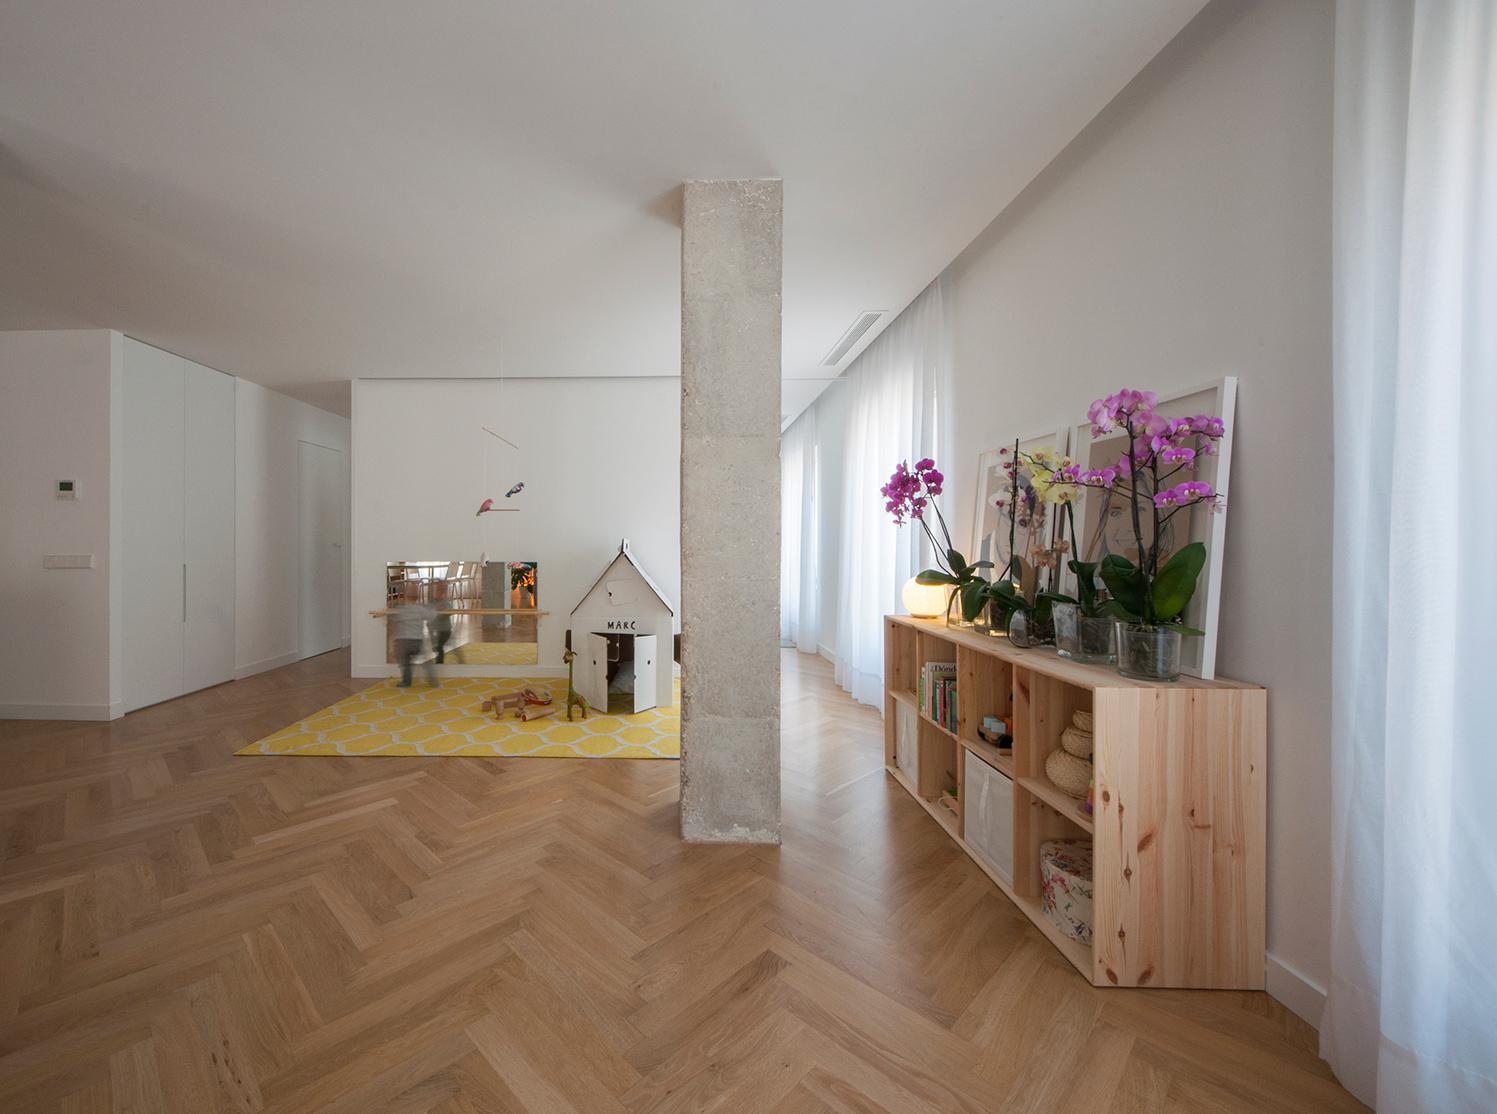 Reforma de un apartamento en elche apartment refurbishment - Arquitectos elche ...